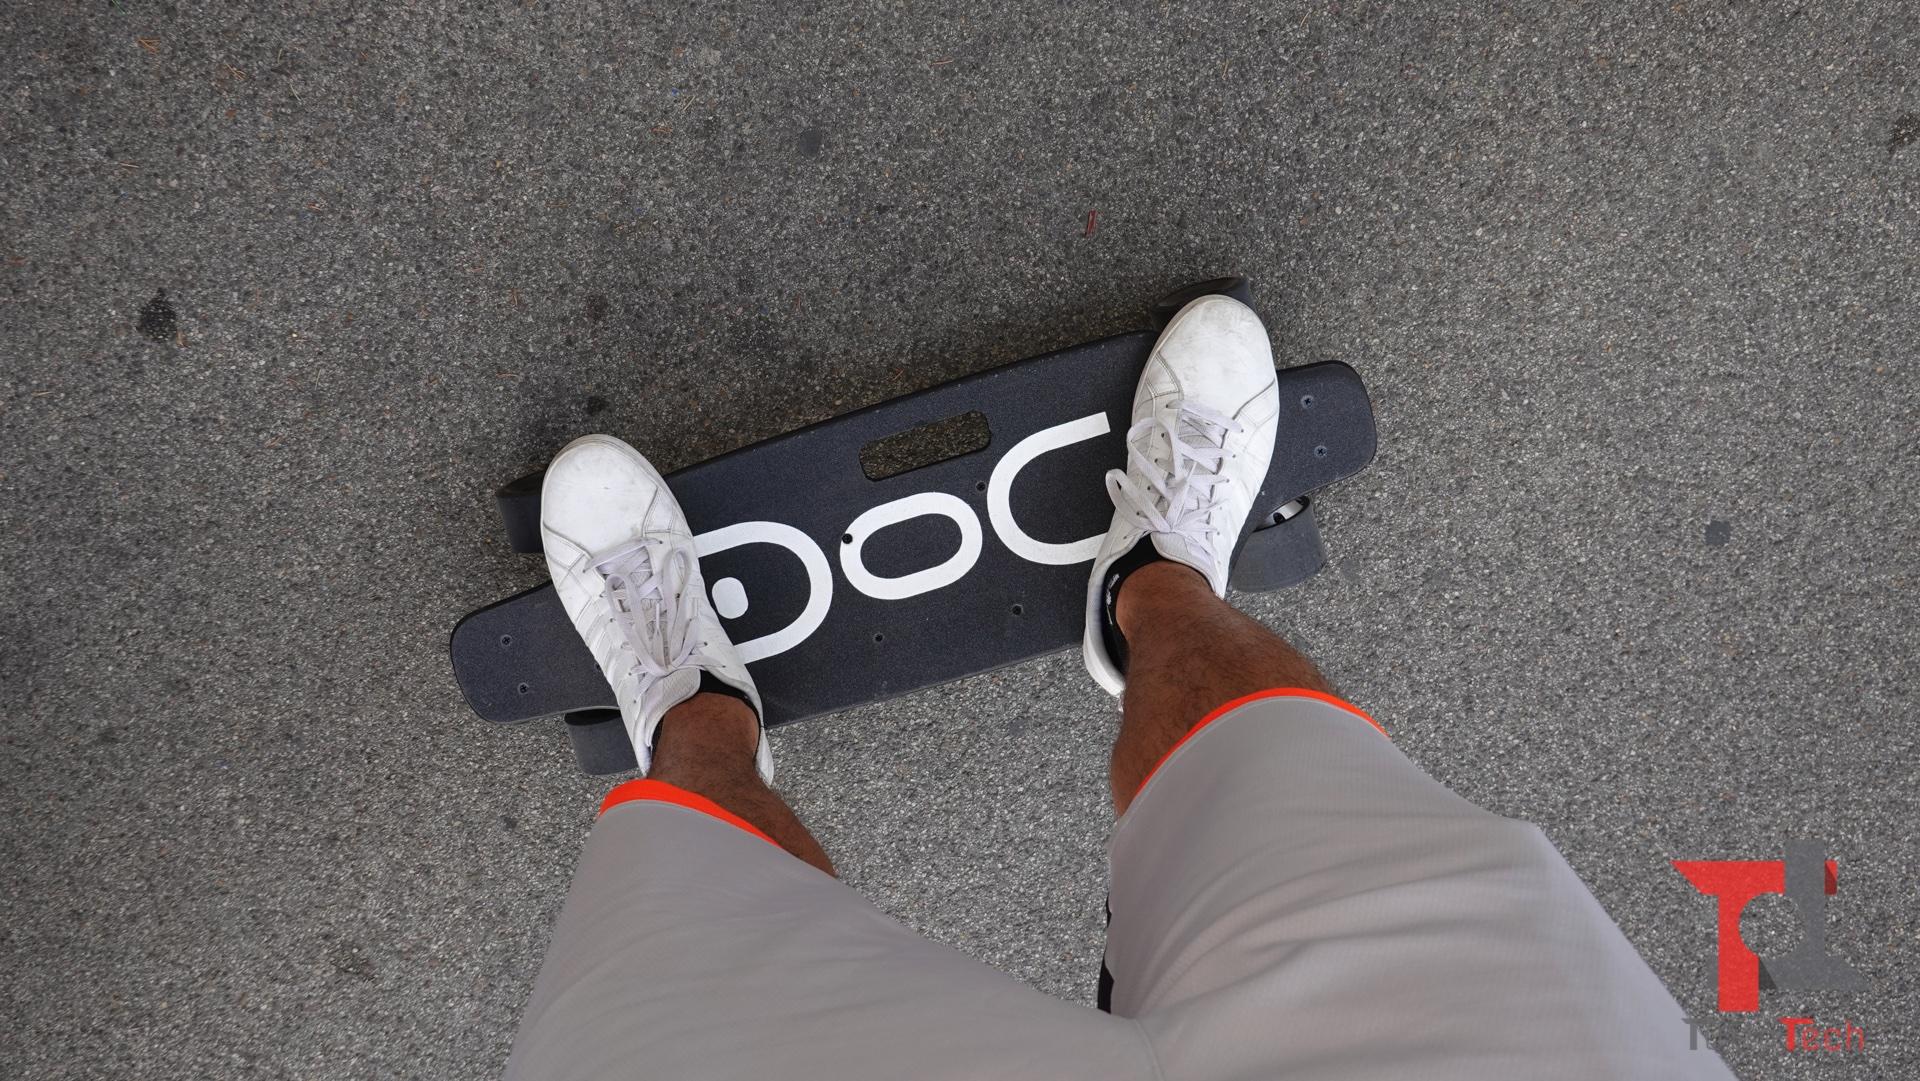 Recensione Nilox Doc Skate Plus: lo skateboard elettrico sempre con sé 5